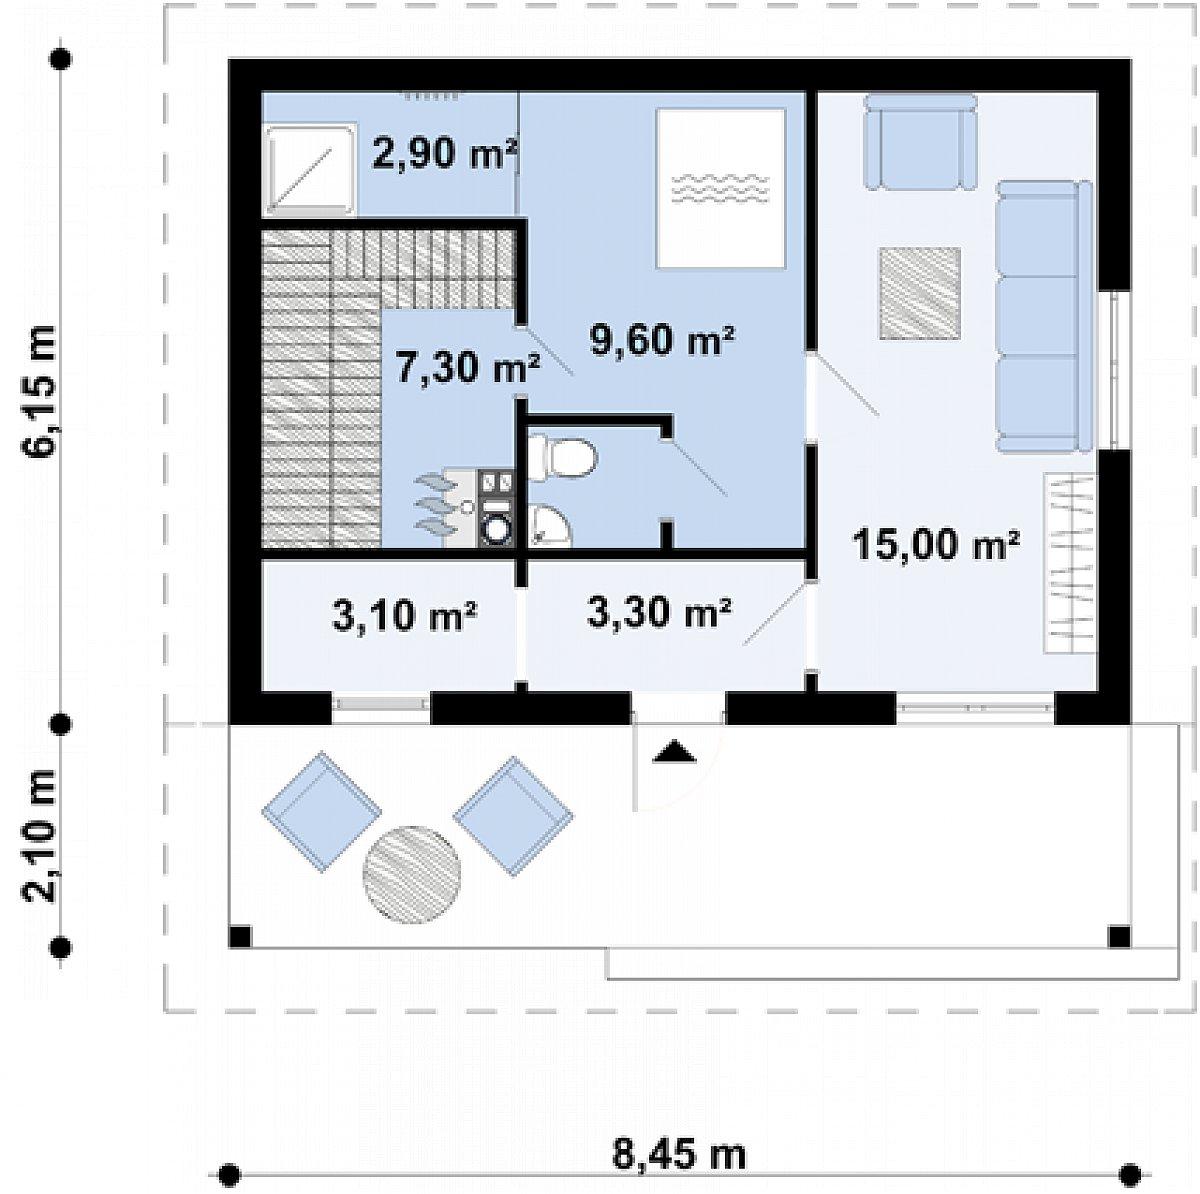 Первый этаж 41,2м² бани Zp1